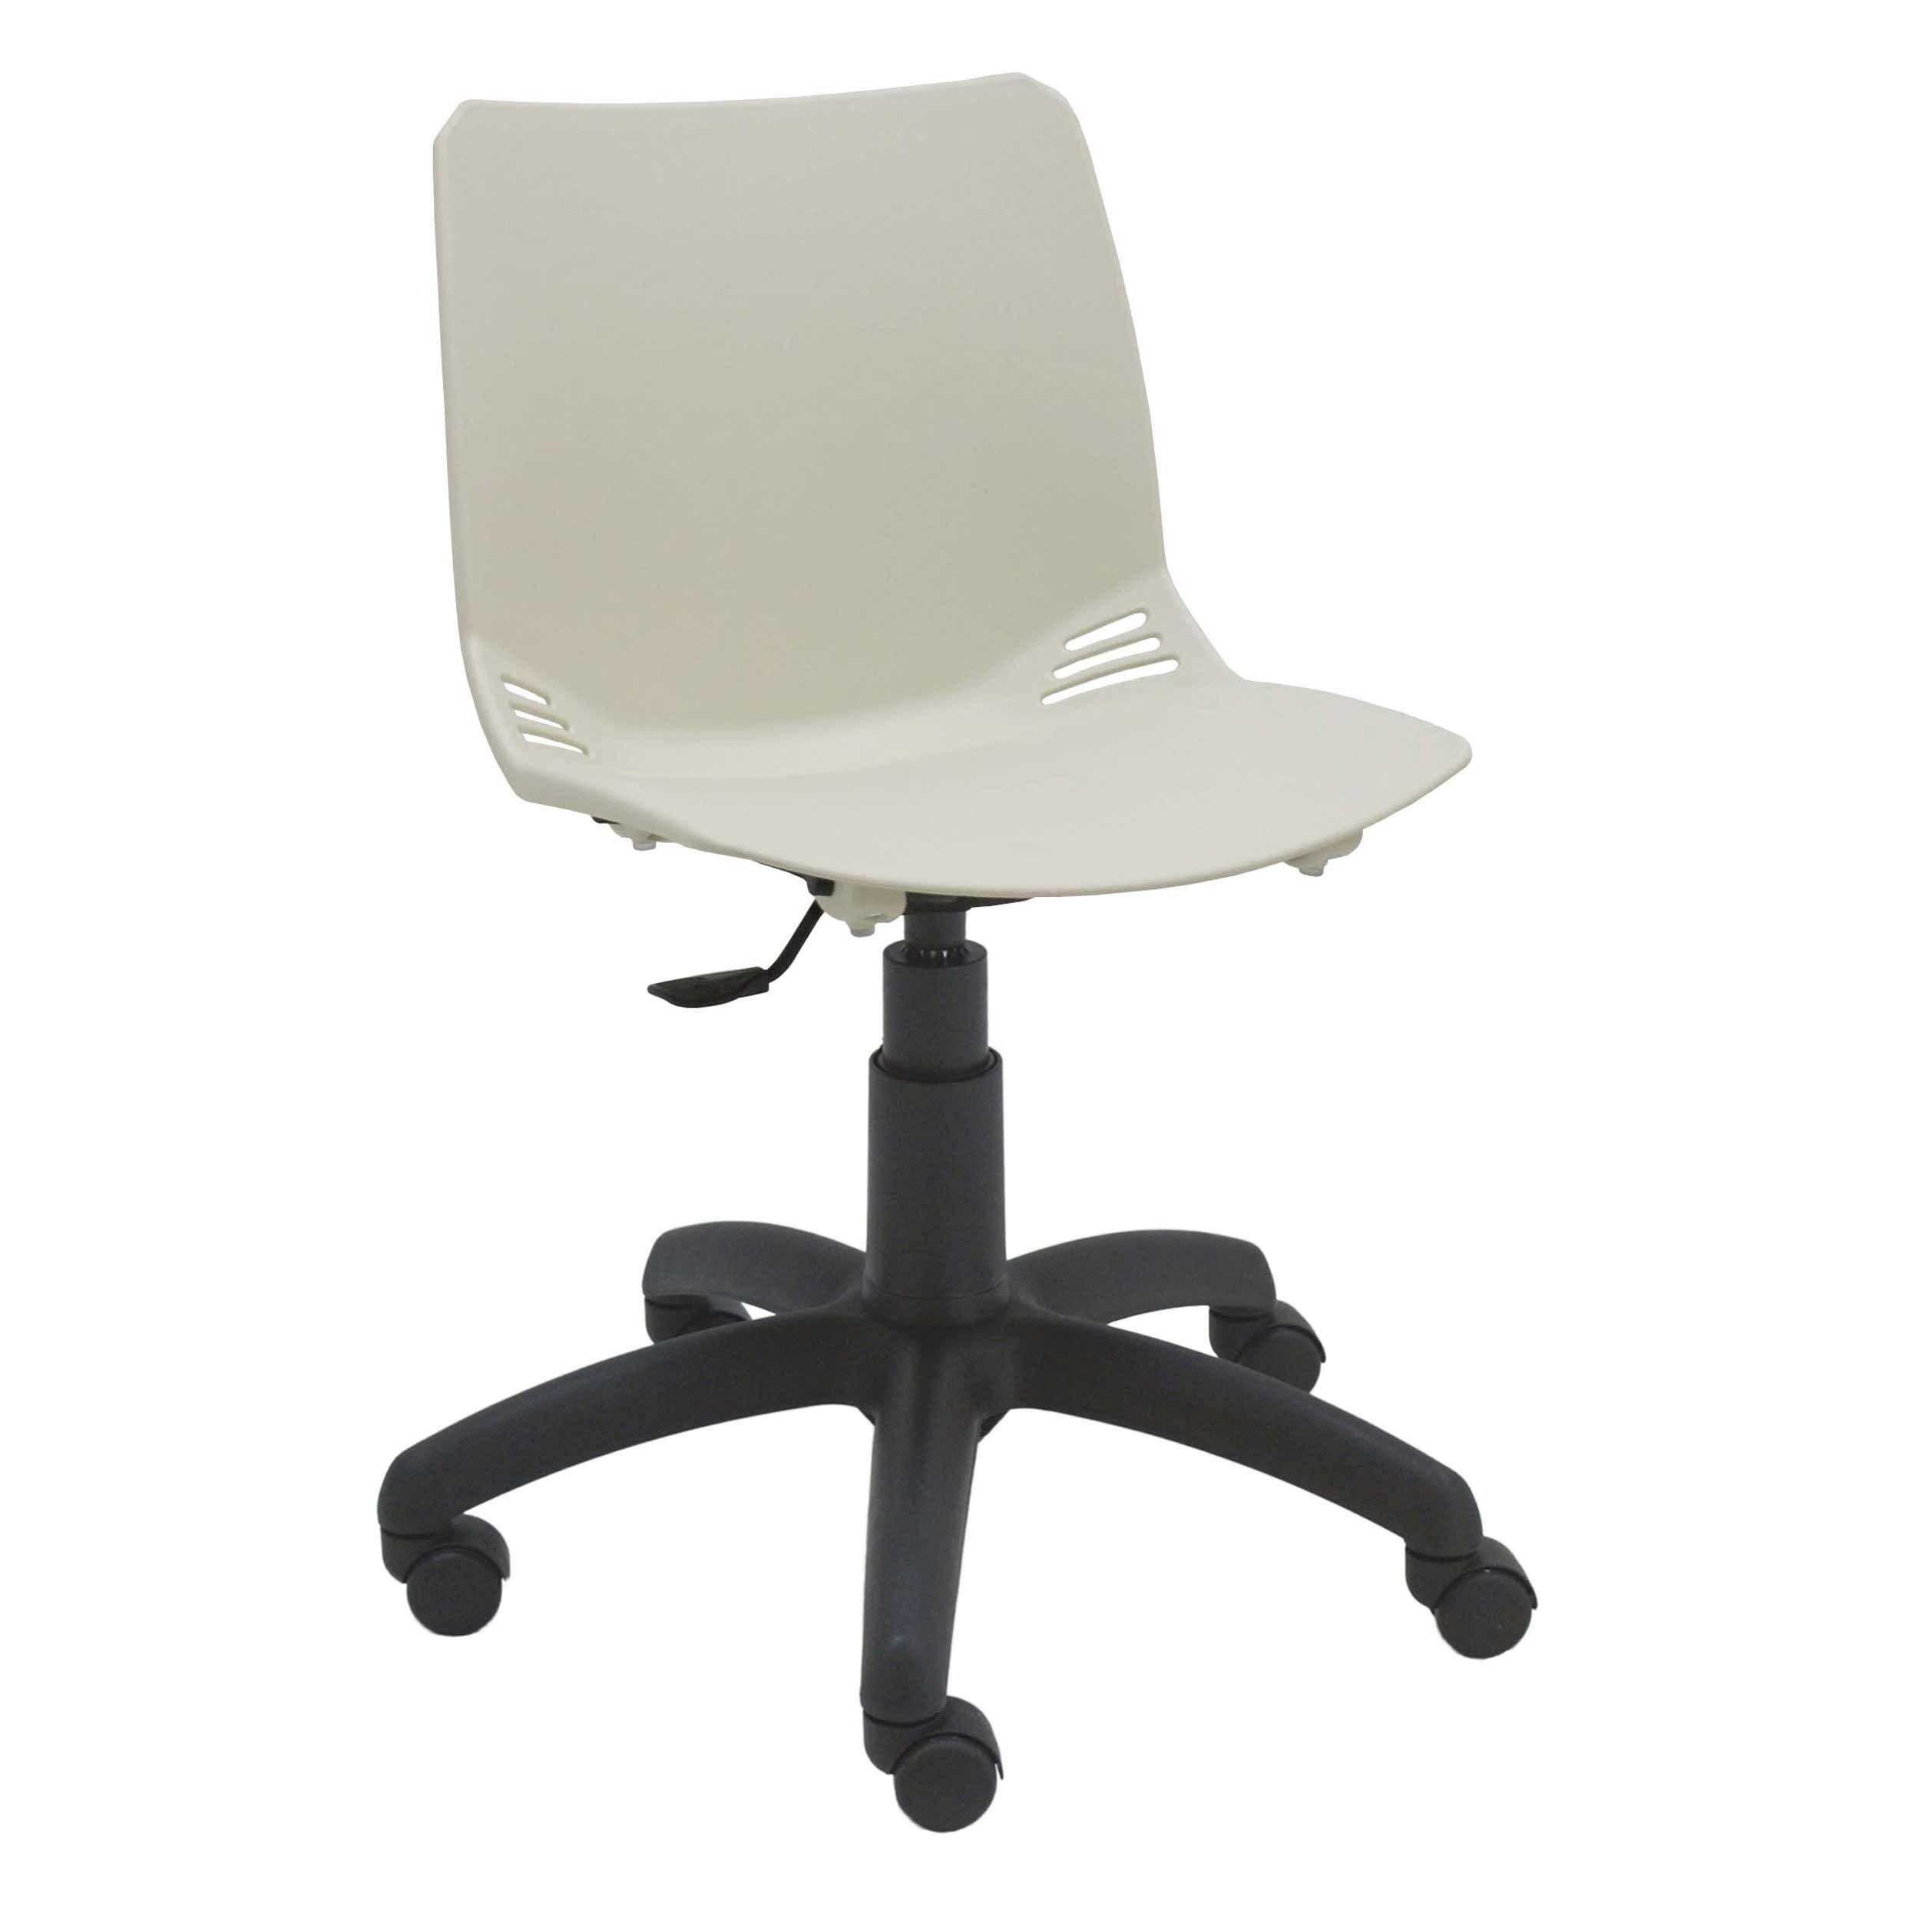 Silla giratoria pl stico modelo race sillas giratorias for Modelos de sillas para escritorio